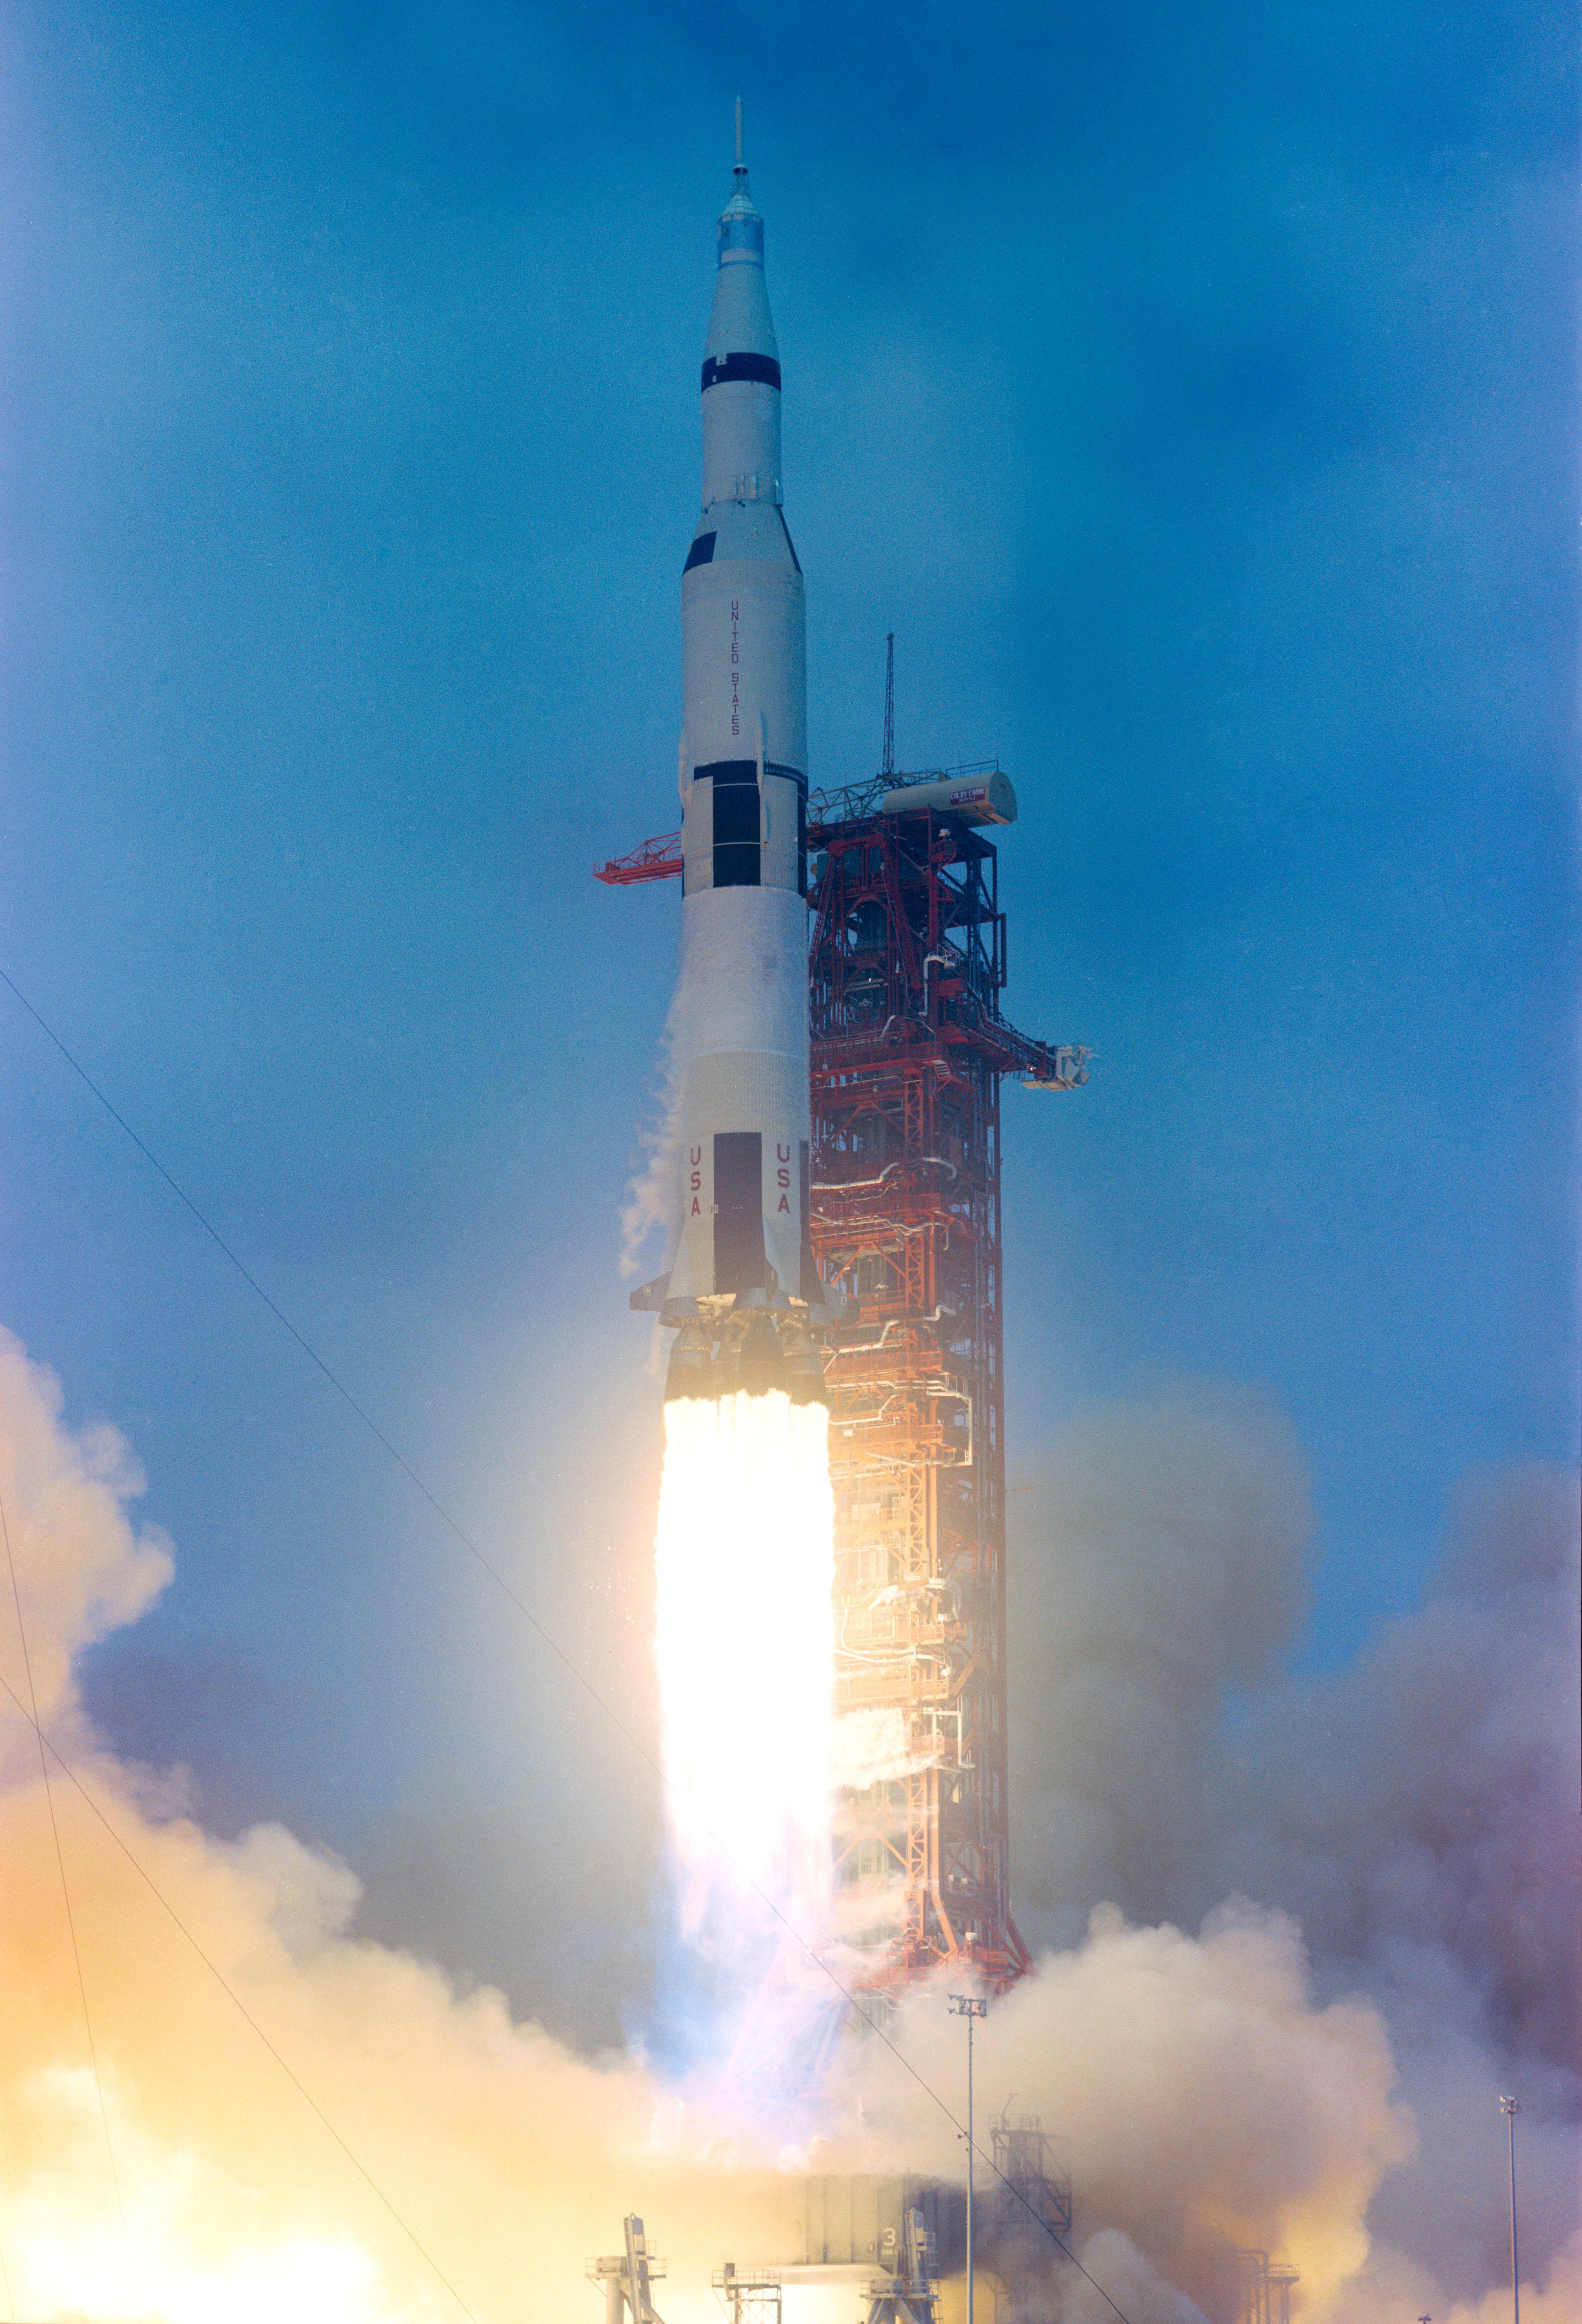 Apollo 1 mission info